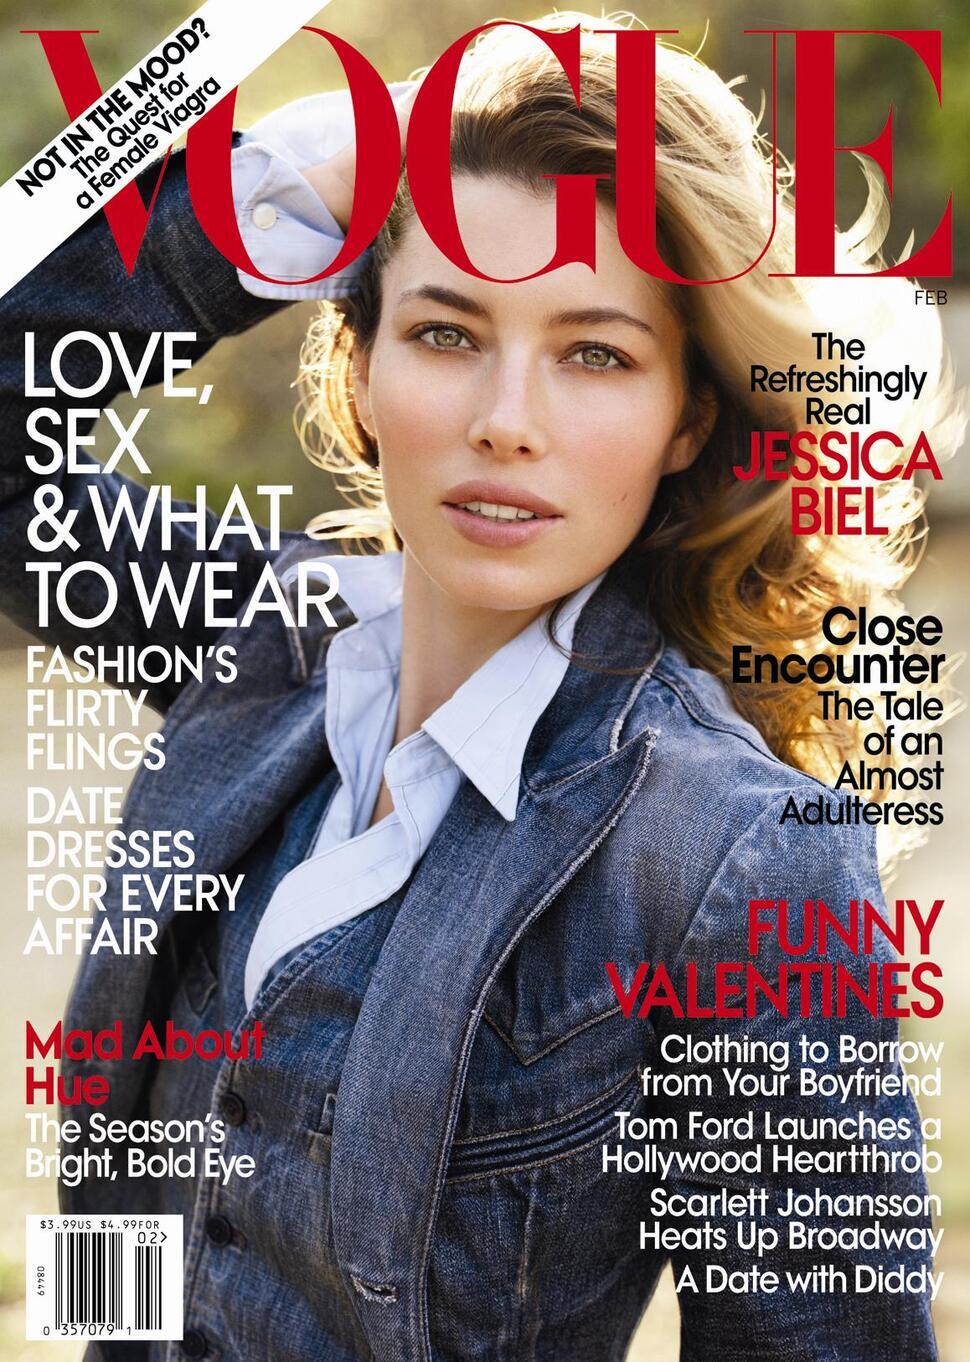 Джессика Бил в журнале Vogue. Февраль 2010